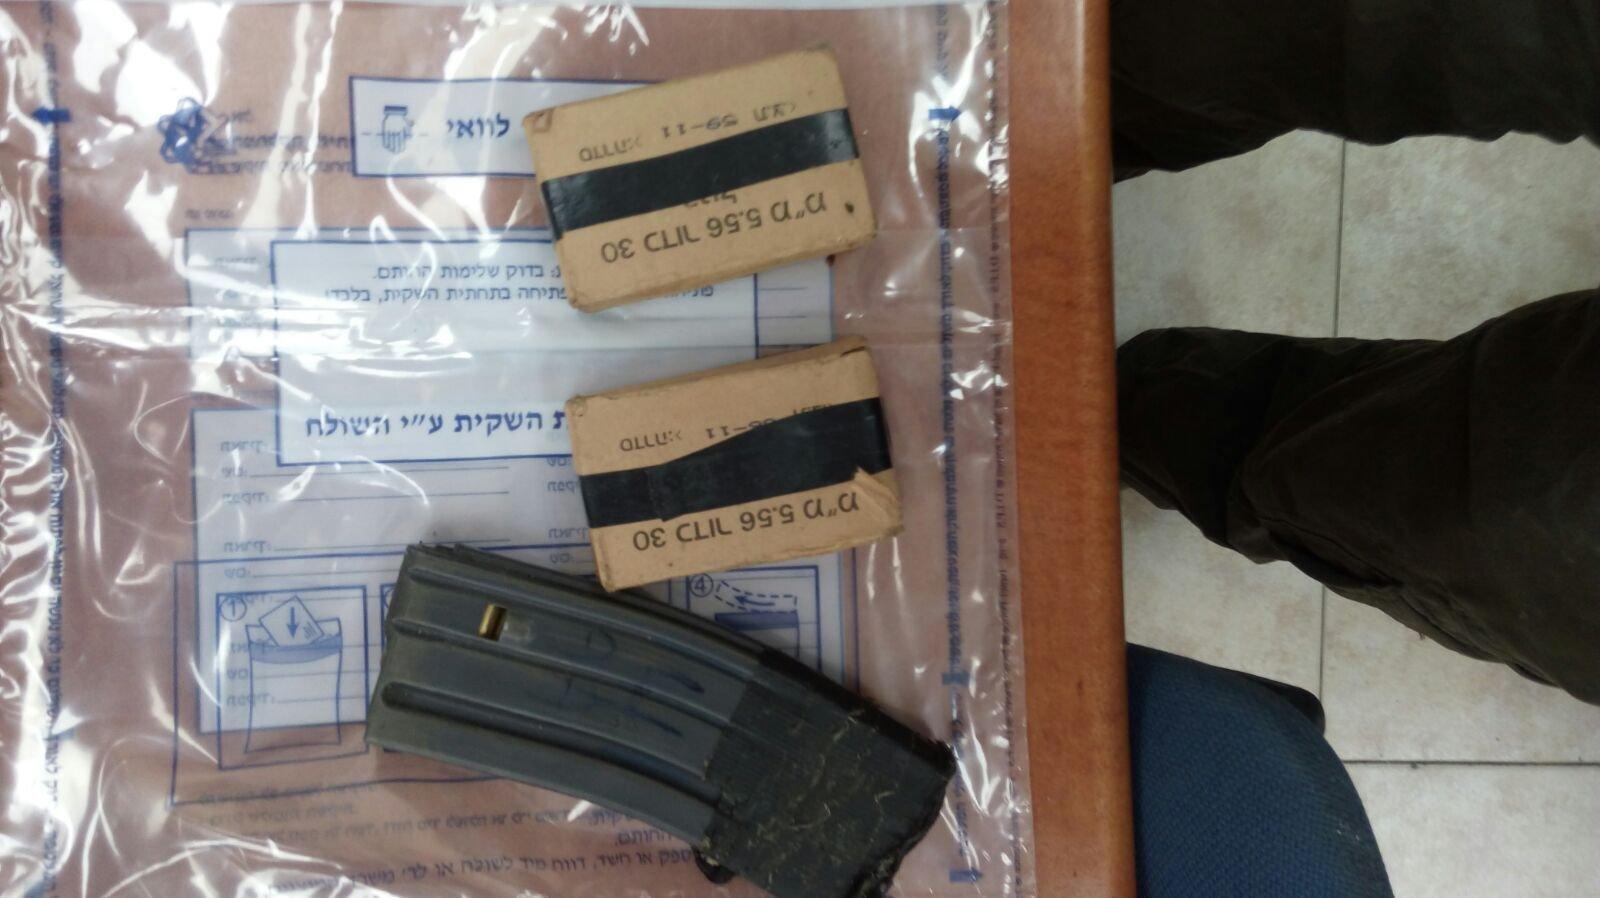 الناصرة: ضبط مخدرات، واسلحة ولحوم فاسدة ومتسولين واعتقال مشتبهين